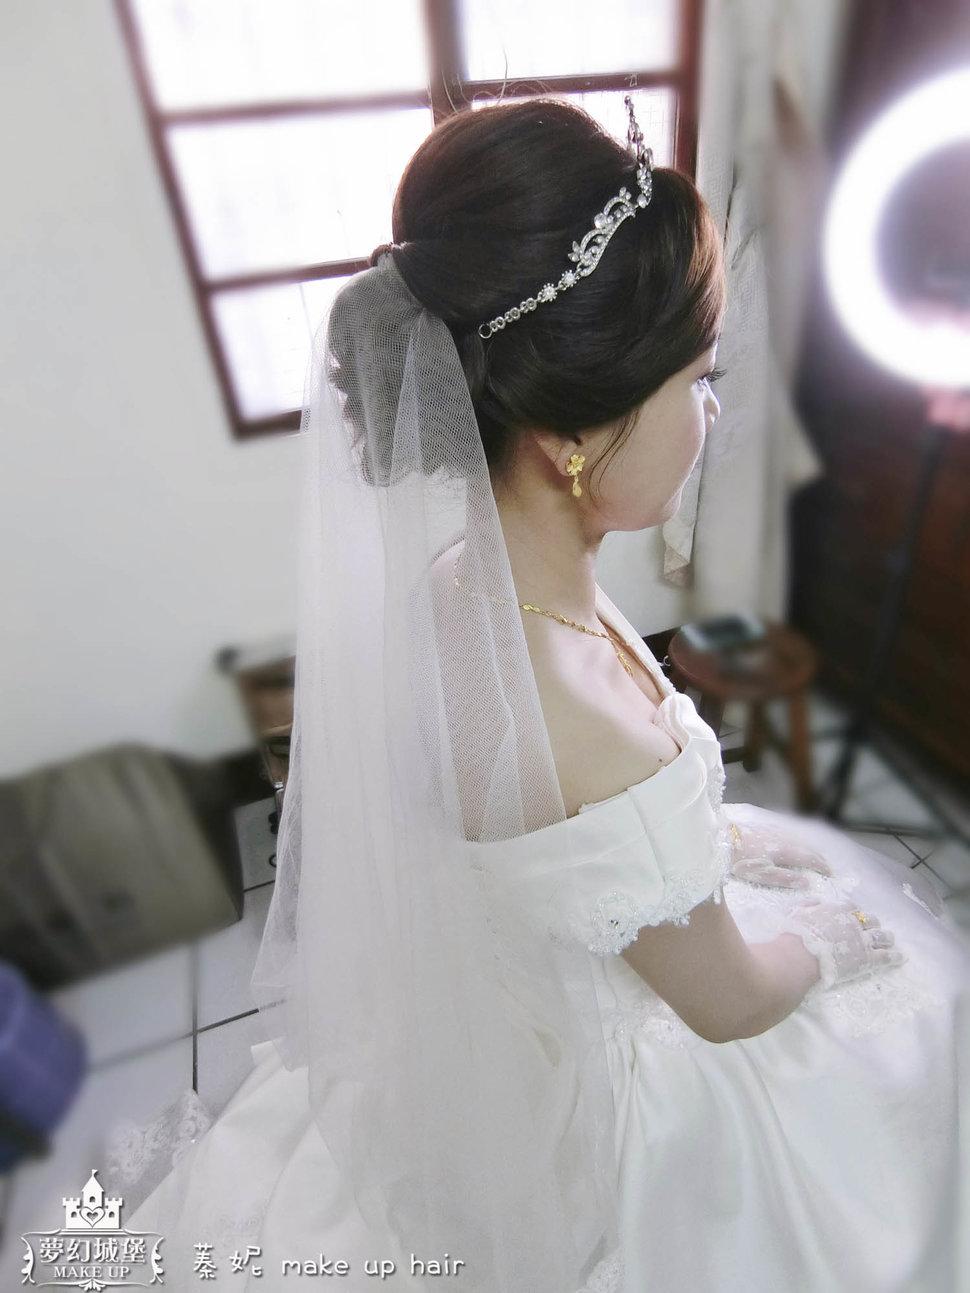 CIMG0830-2 - 夢幻城堡彩妝造型團隊 - 結婚吧